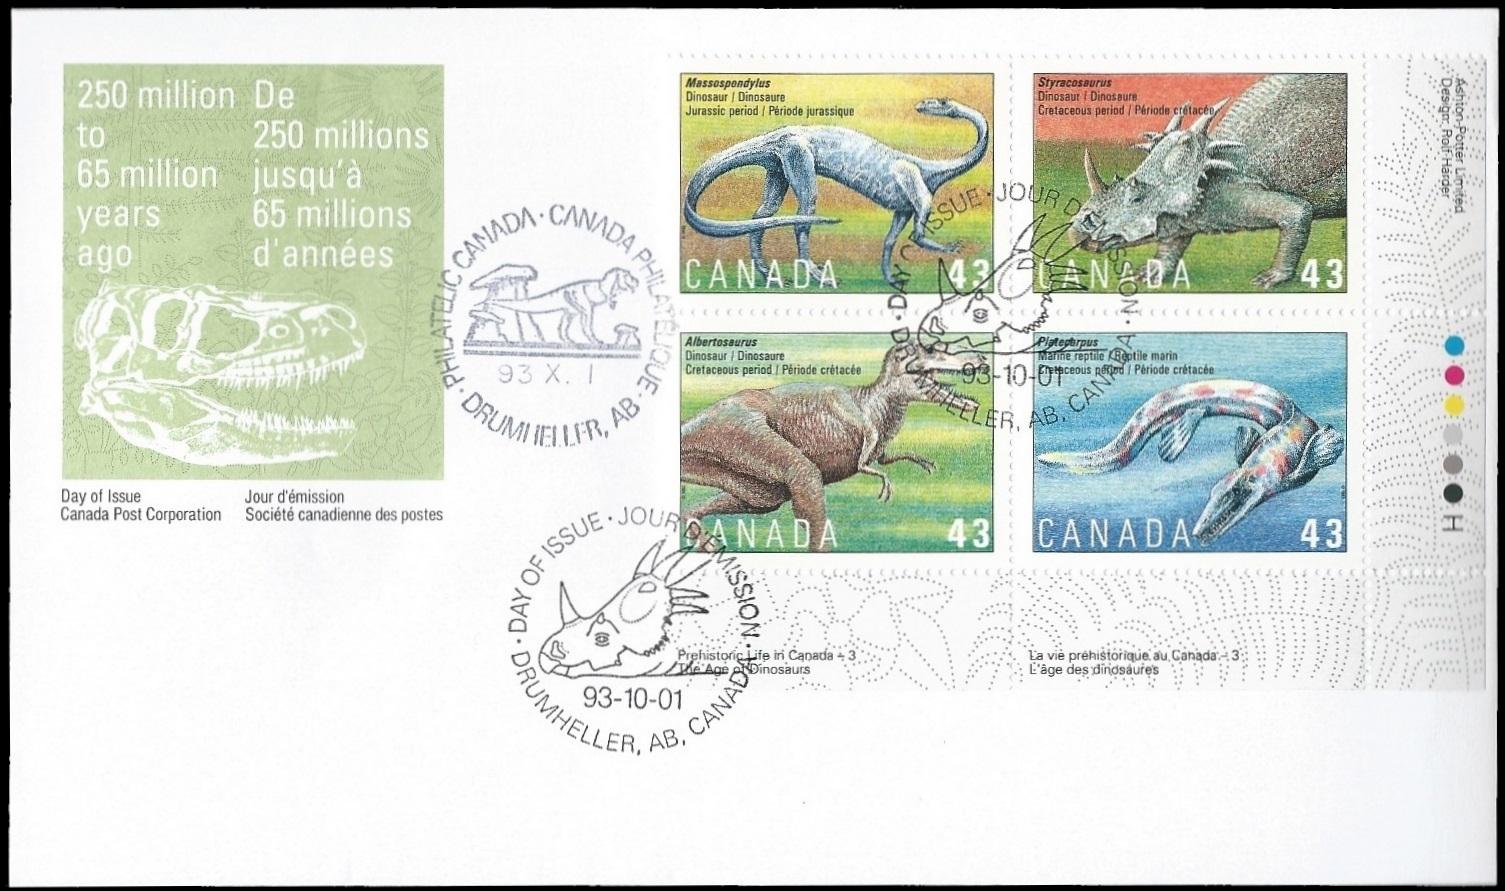 Paleophilatelie eu - paleontology stamps of Canada